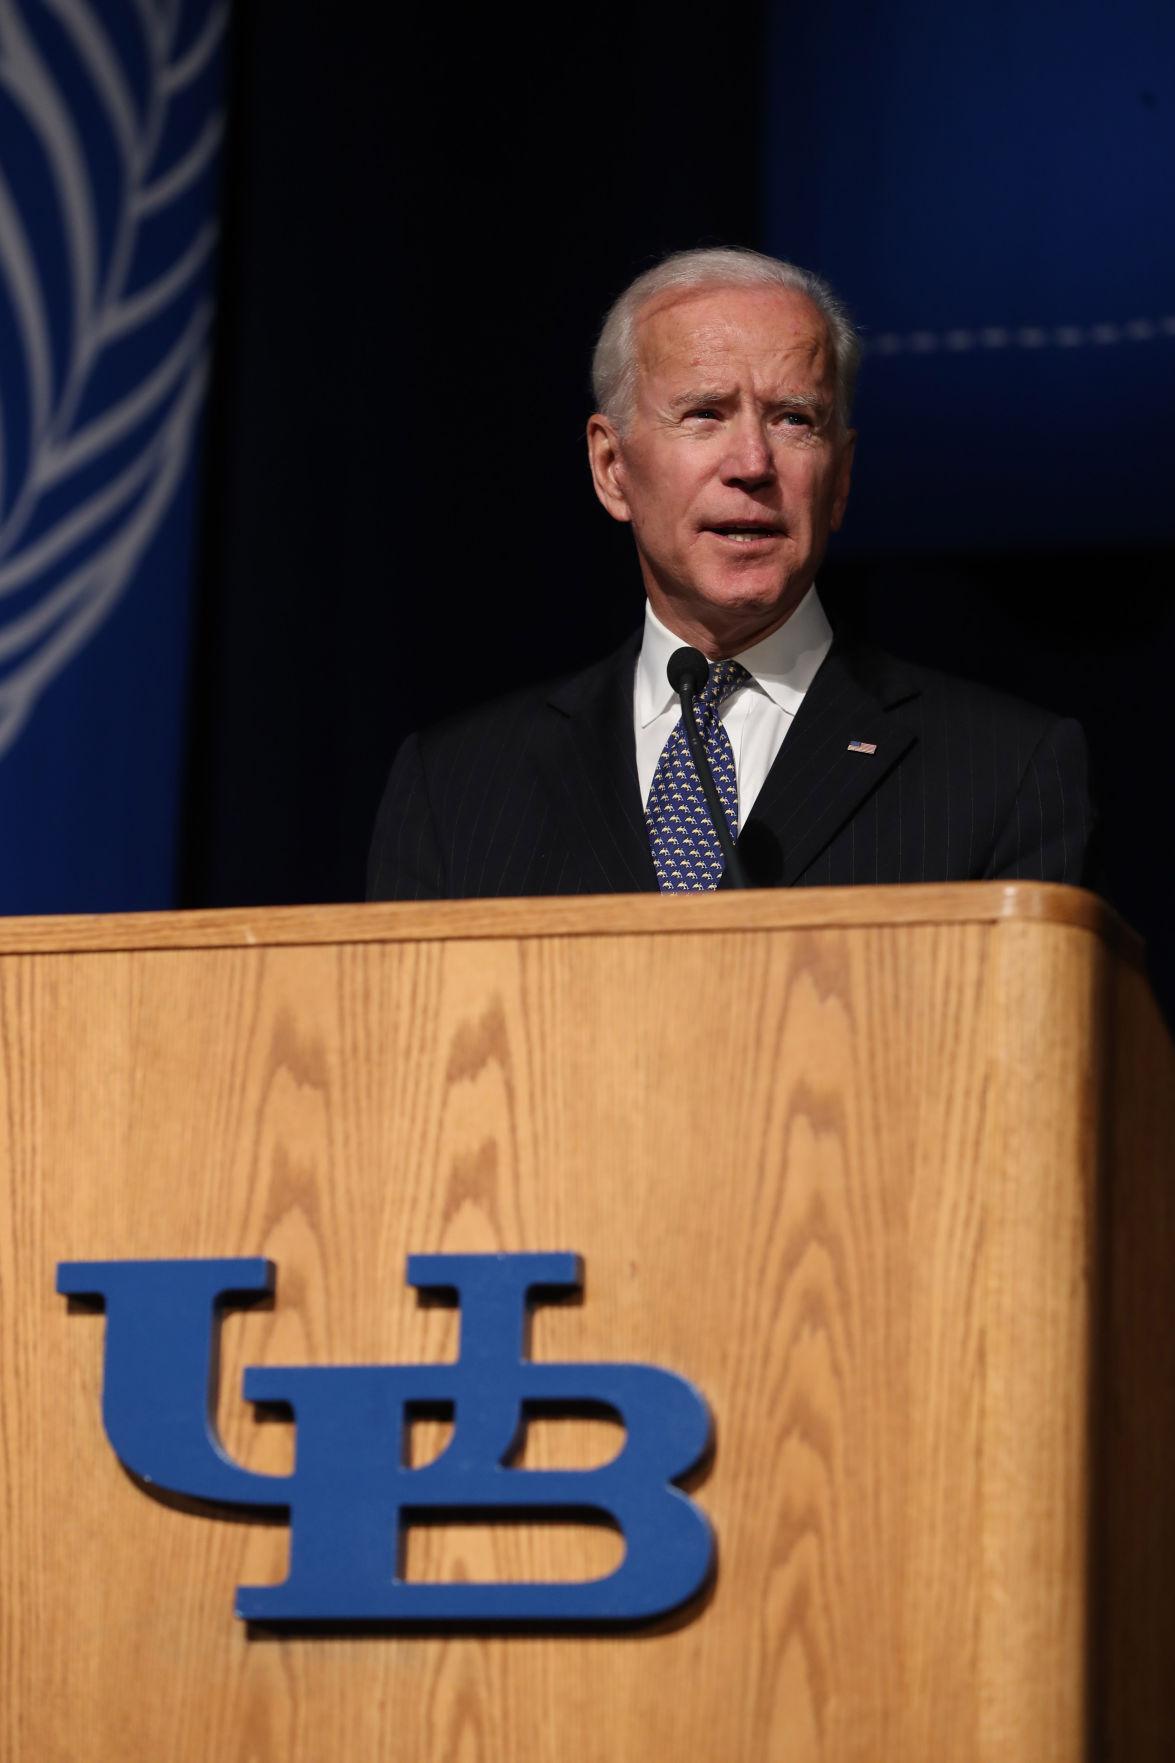 LOCAL Biden at UB CANTILLON